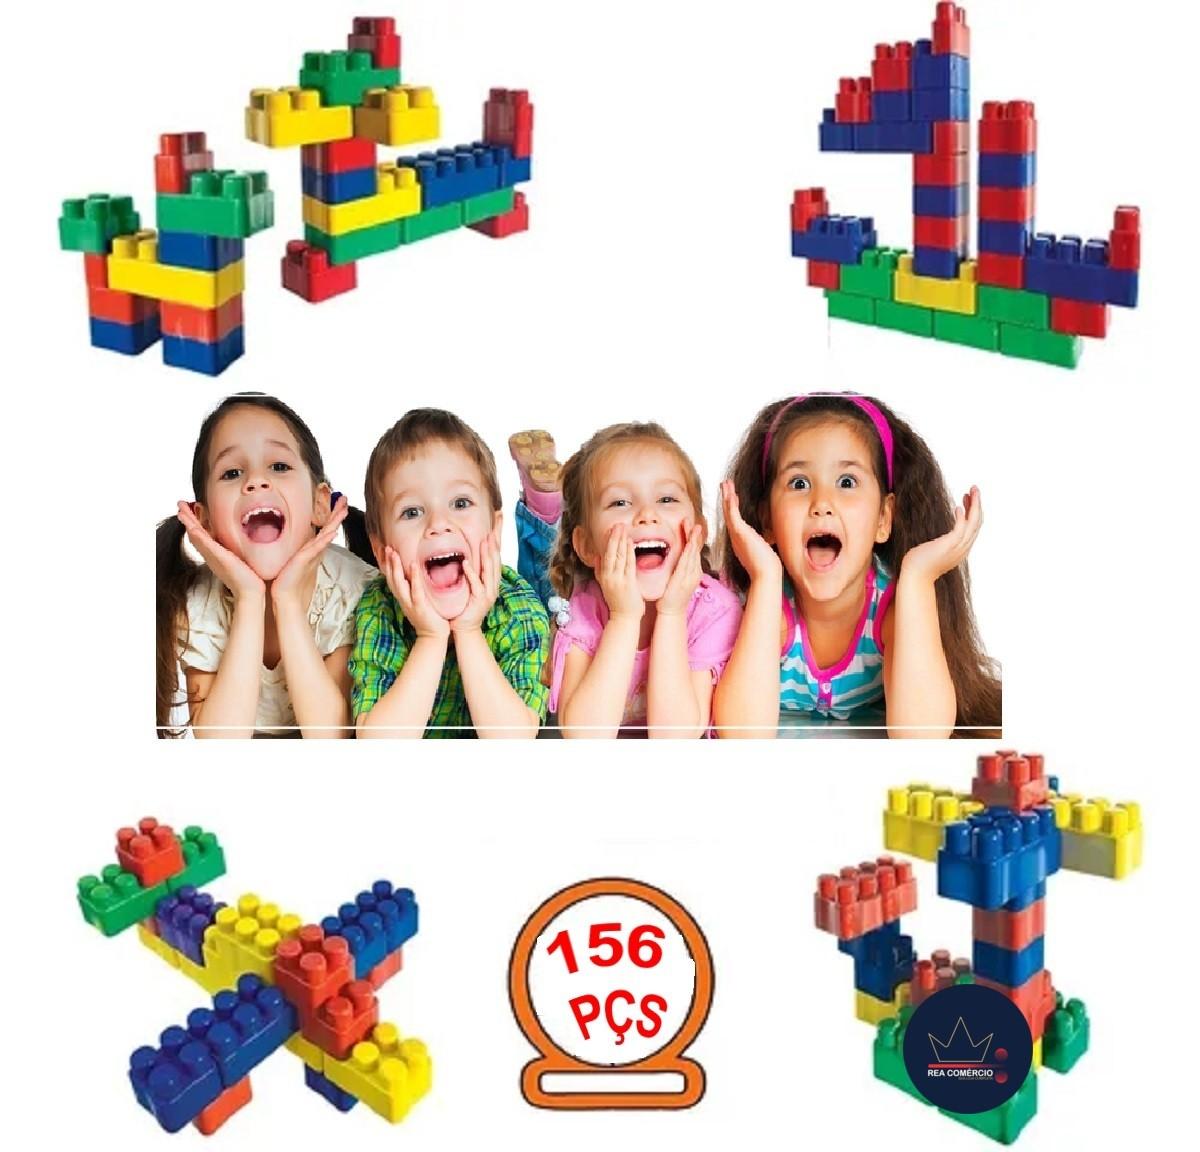 Blocos De Montar Infantil Brinquedo Educativo Didático de 156 Peças  - Rea Comércio - Sua Loja Completa!